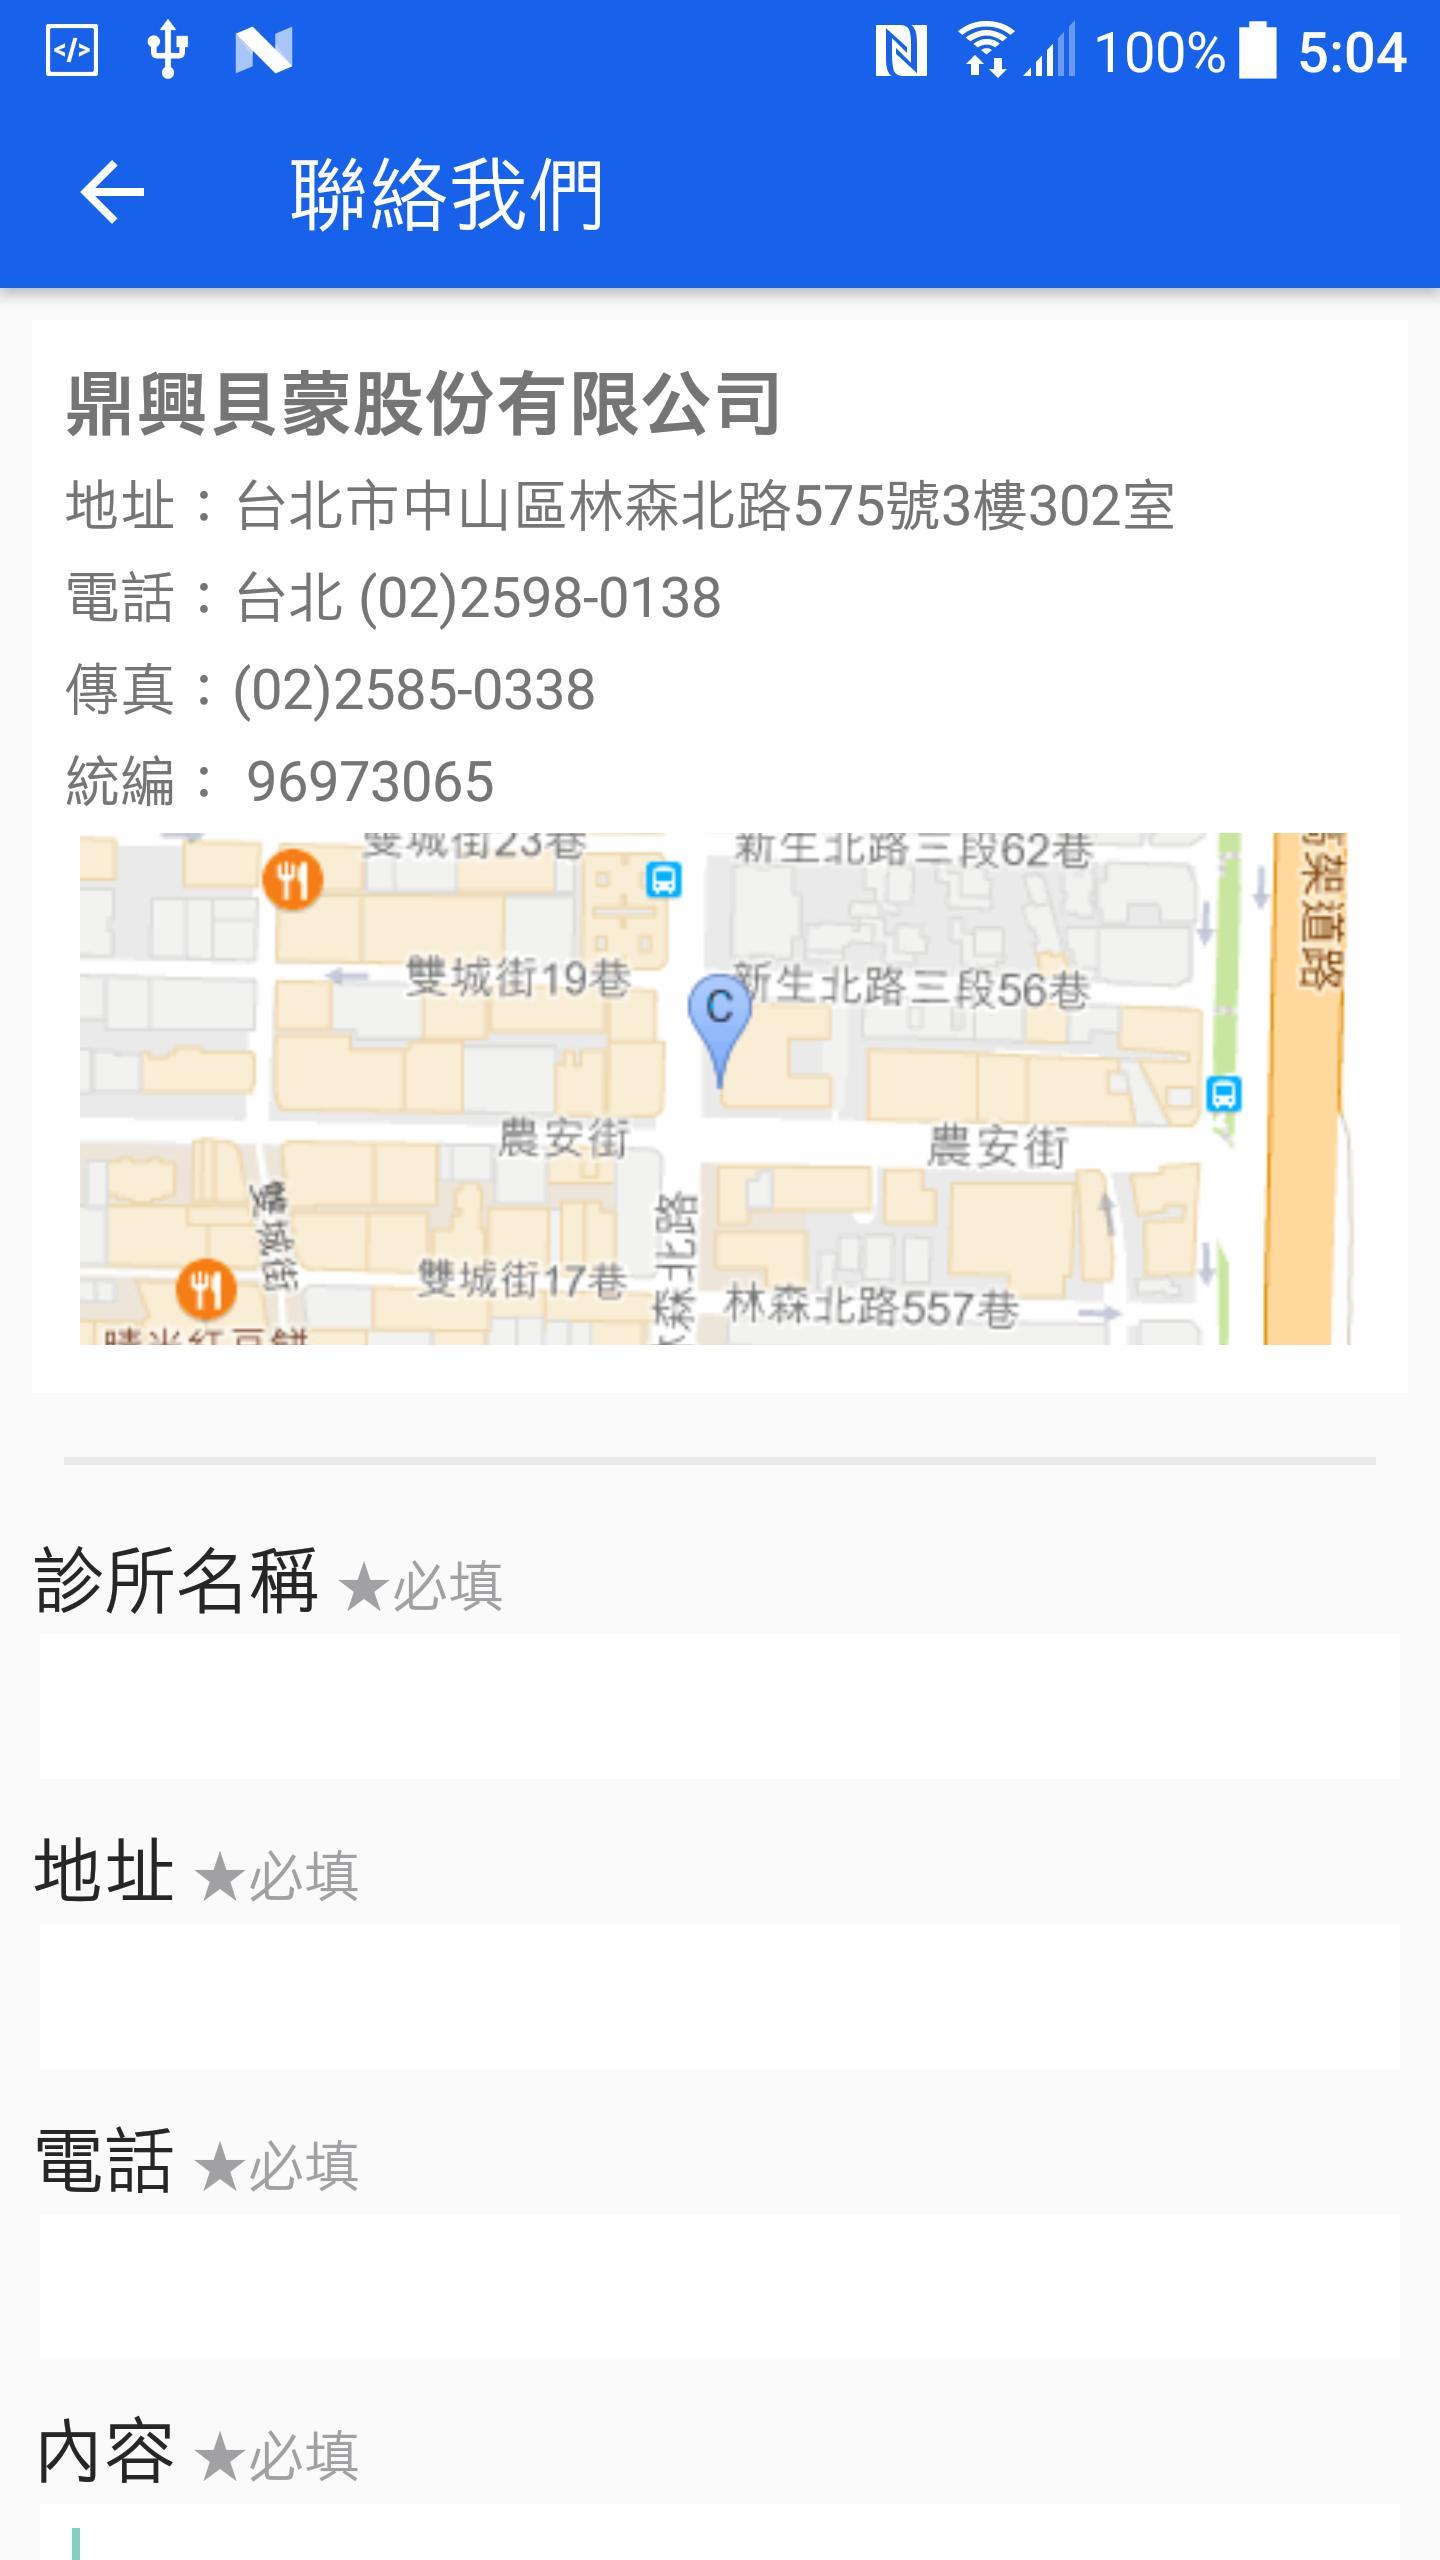 鼎興貝蒙 3 تصوير الشاشة